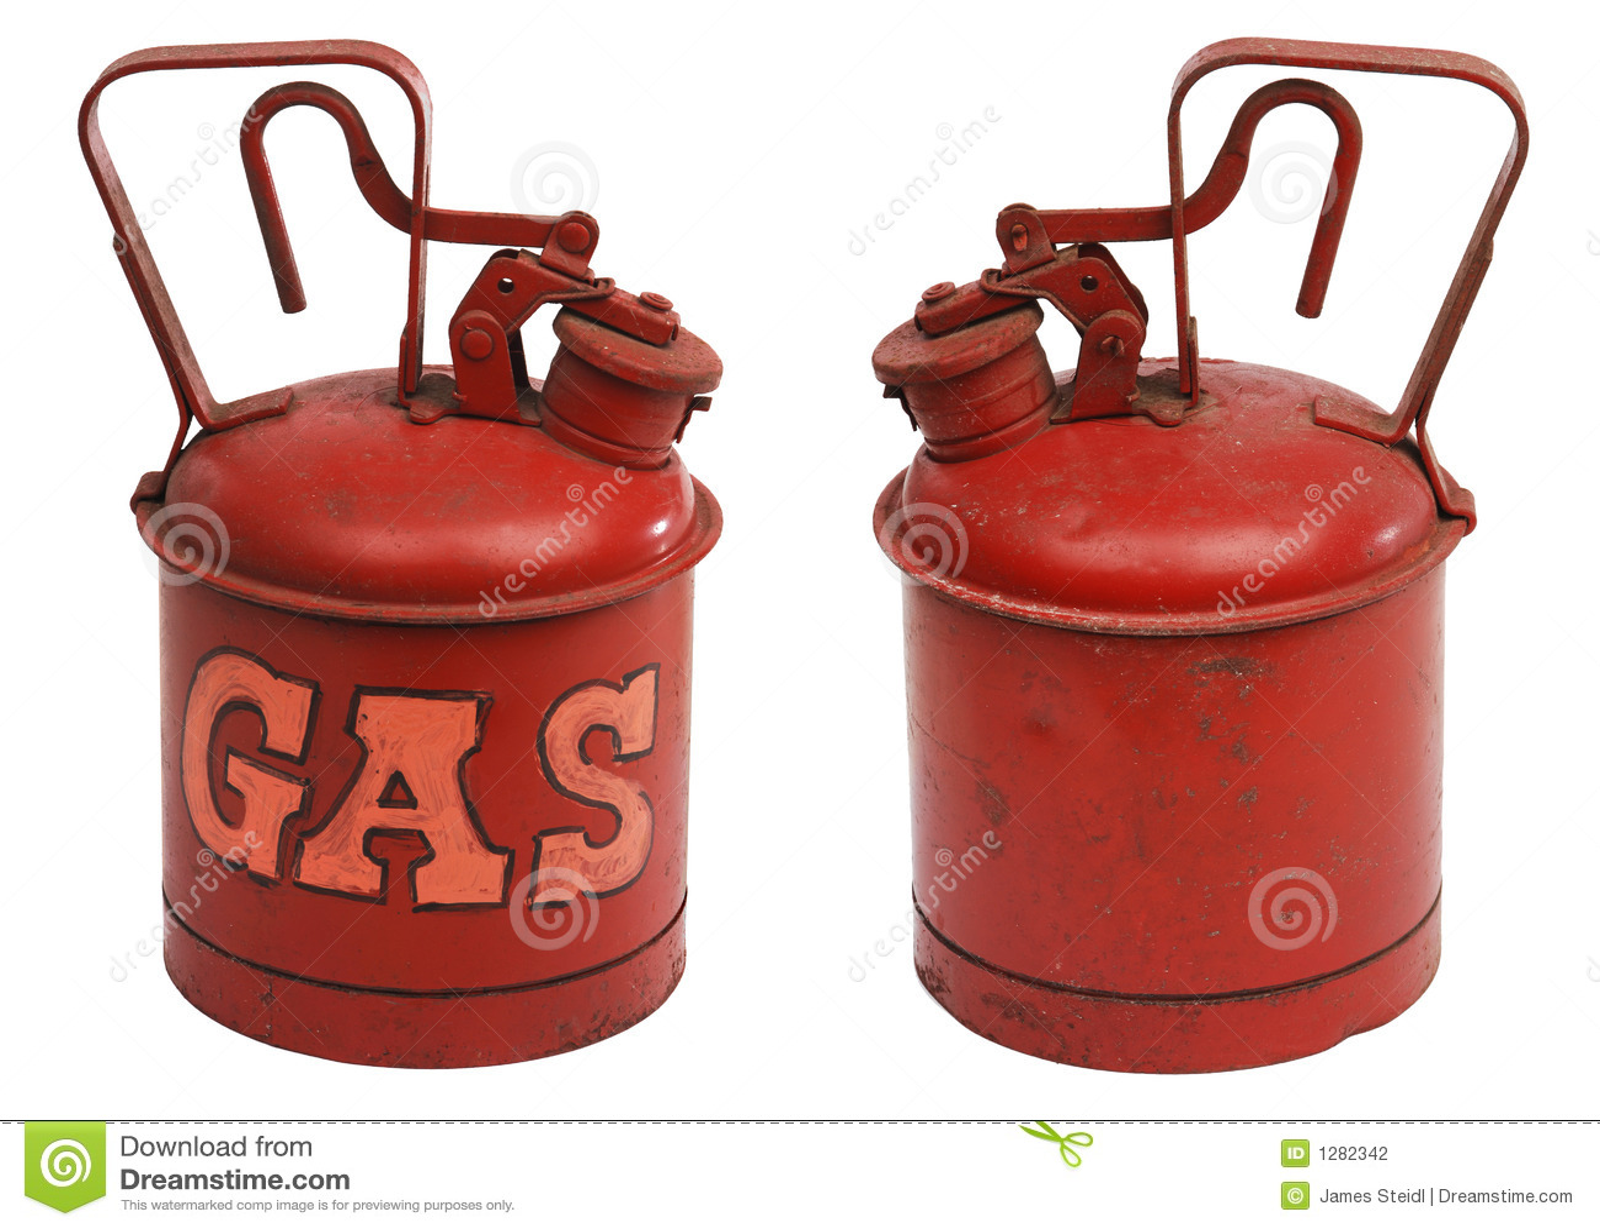 Gallone Gas